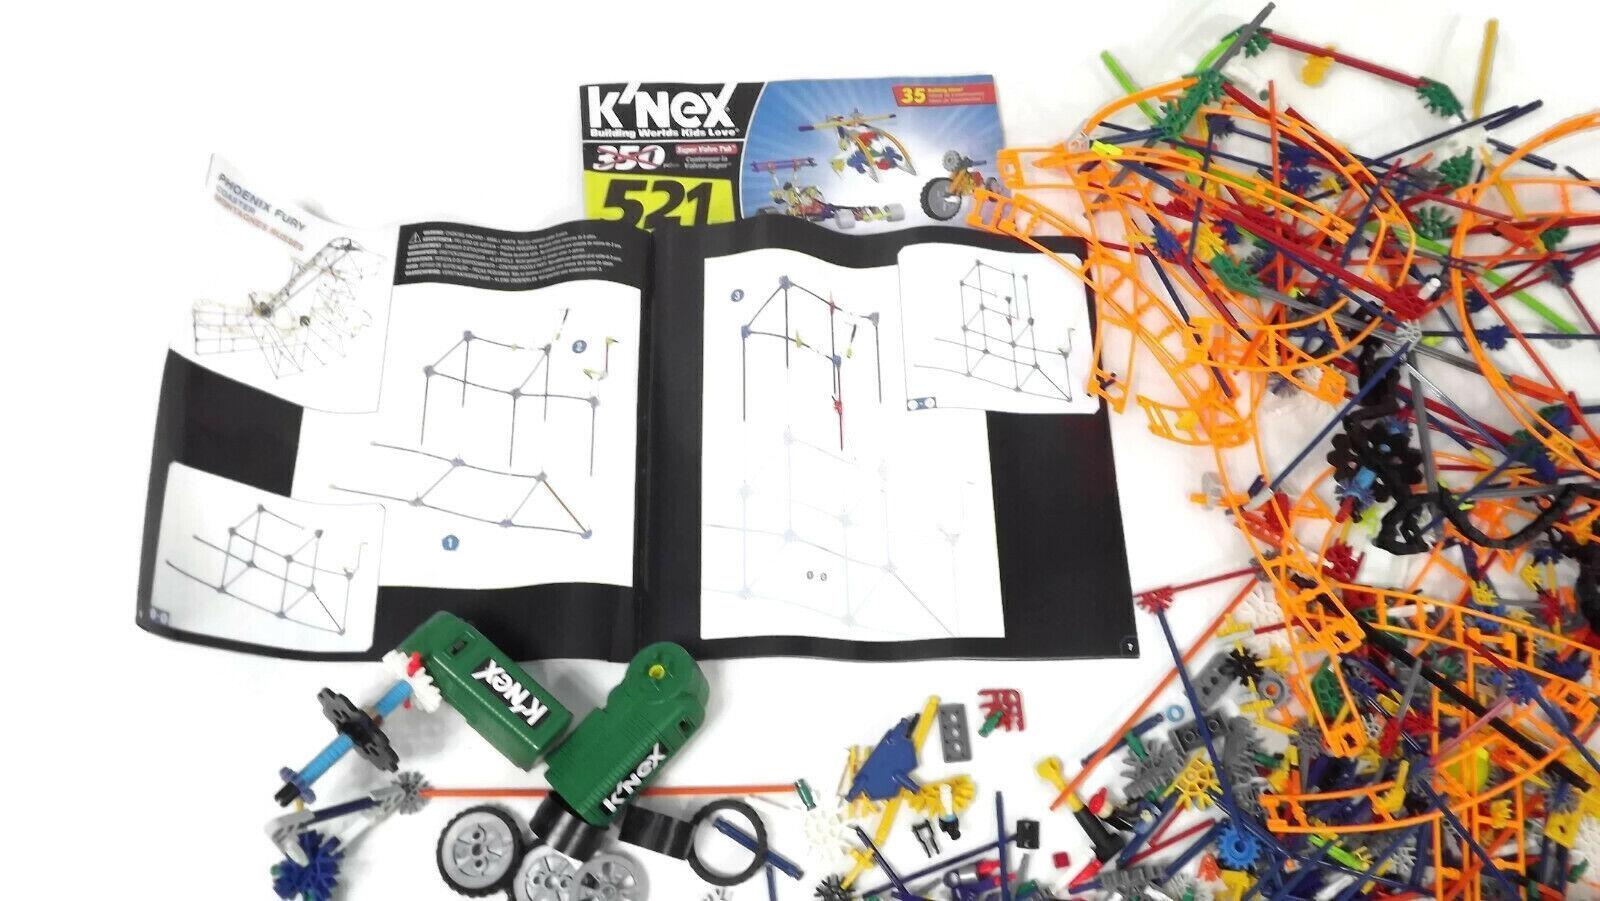 LARGE LARGE LARGE  Mixed LOT K'nex Building Pieces w  3 Bonus Instruction Booklets For Ideas f1d663